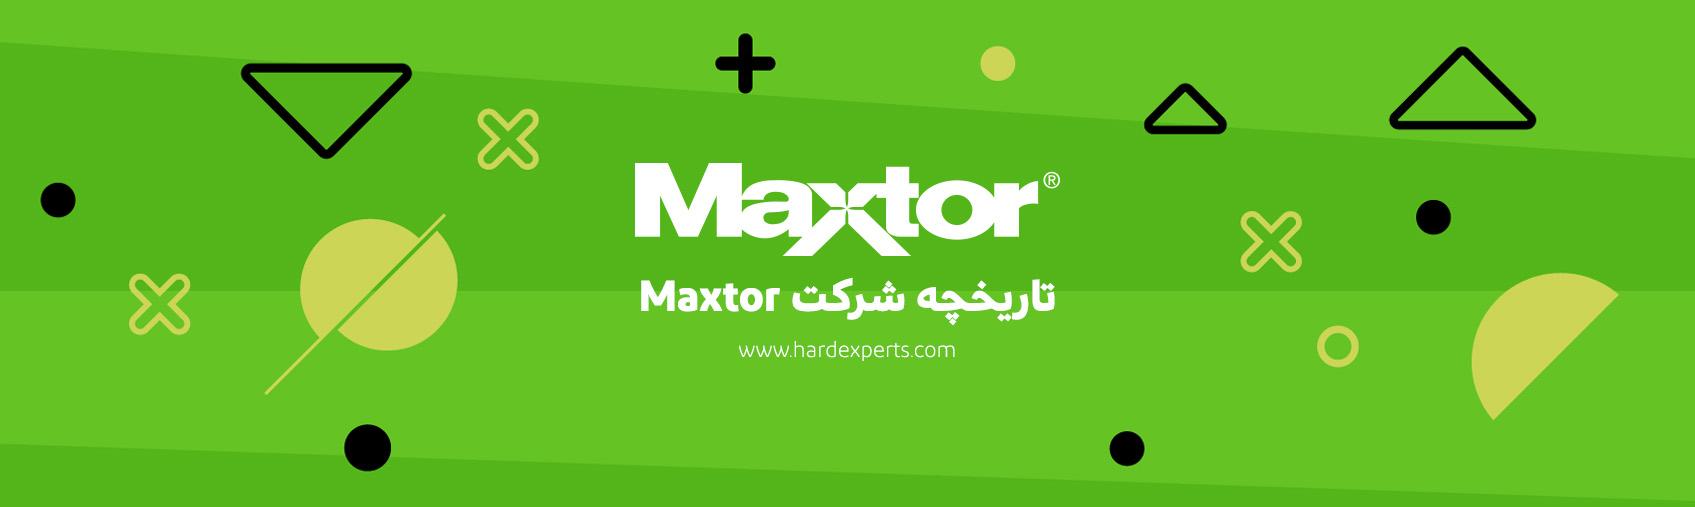 تاریخچه شرکت Maxtor